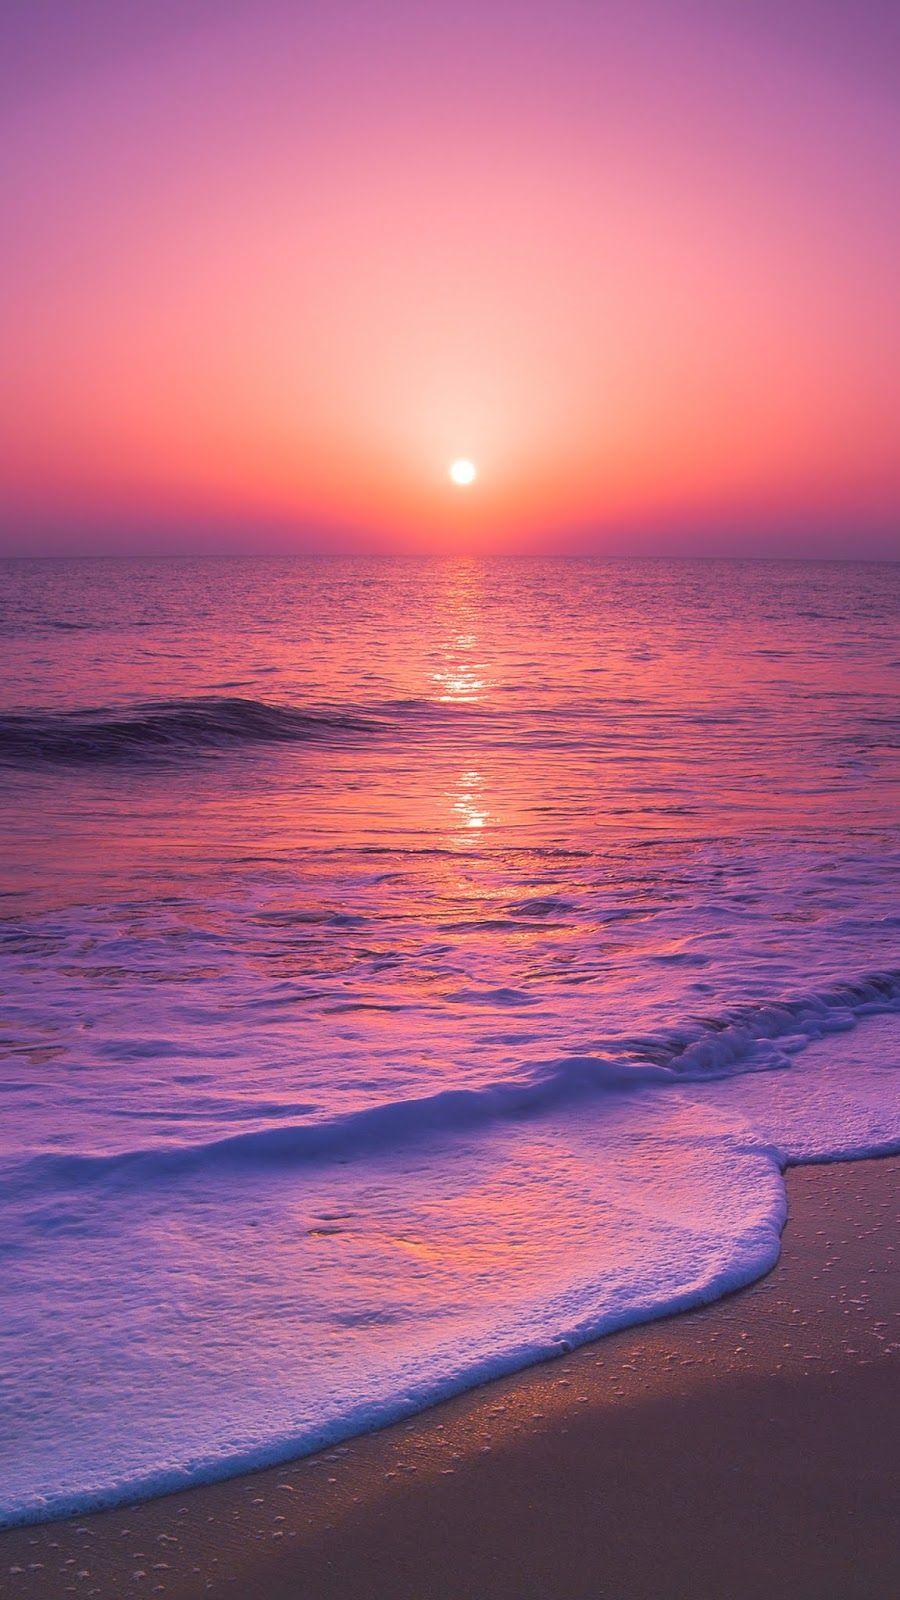 Sunset Beach Wallpaper Wallpaper Iphone Android Background Followme Beach Sunset Wallpaper Sunset Wallpaper Beach Wallpaper